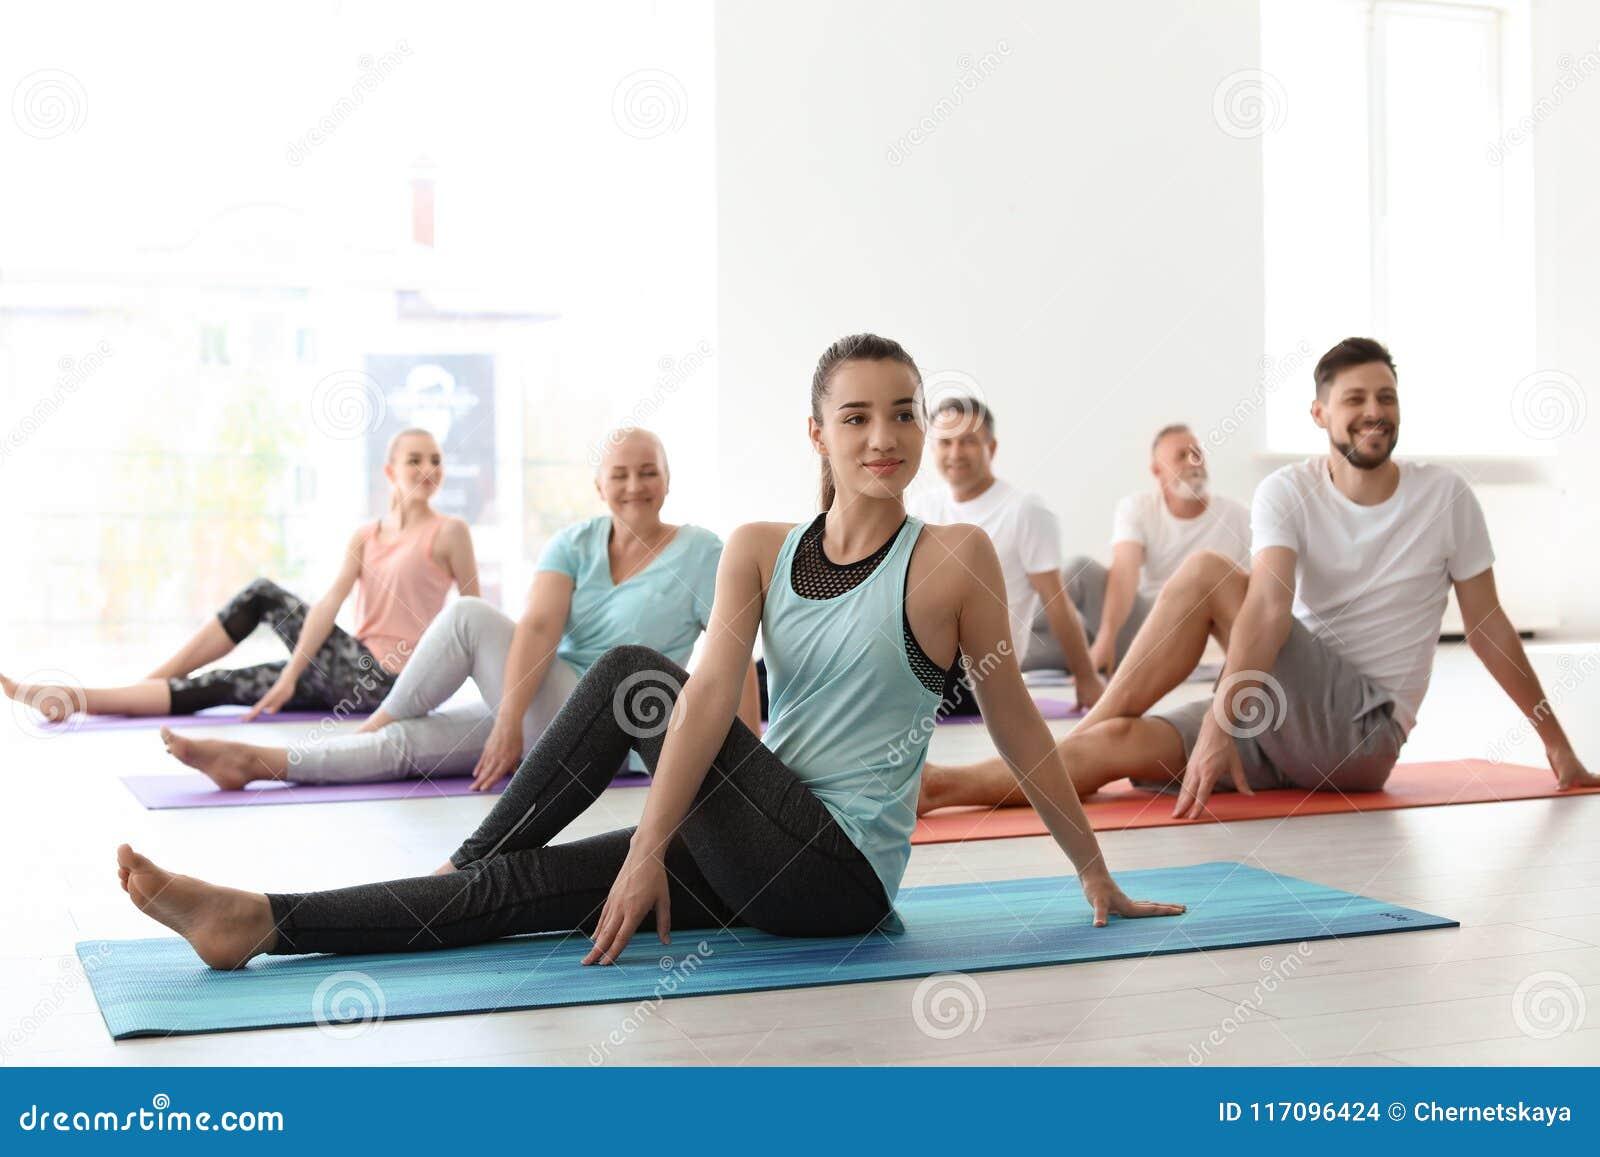 Grupo de pessoas na ioga praticando do sportswear